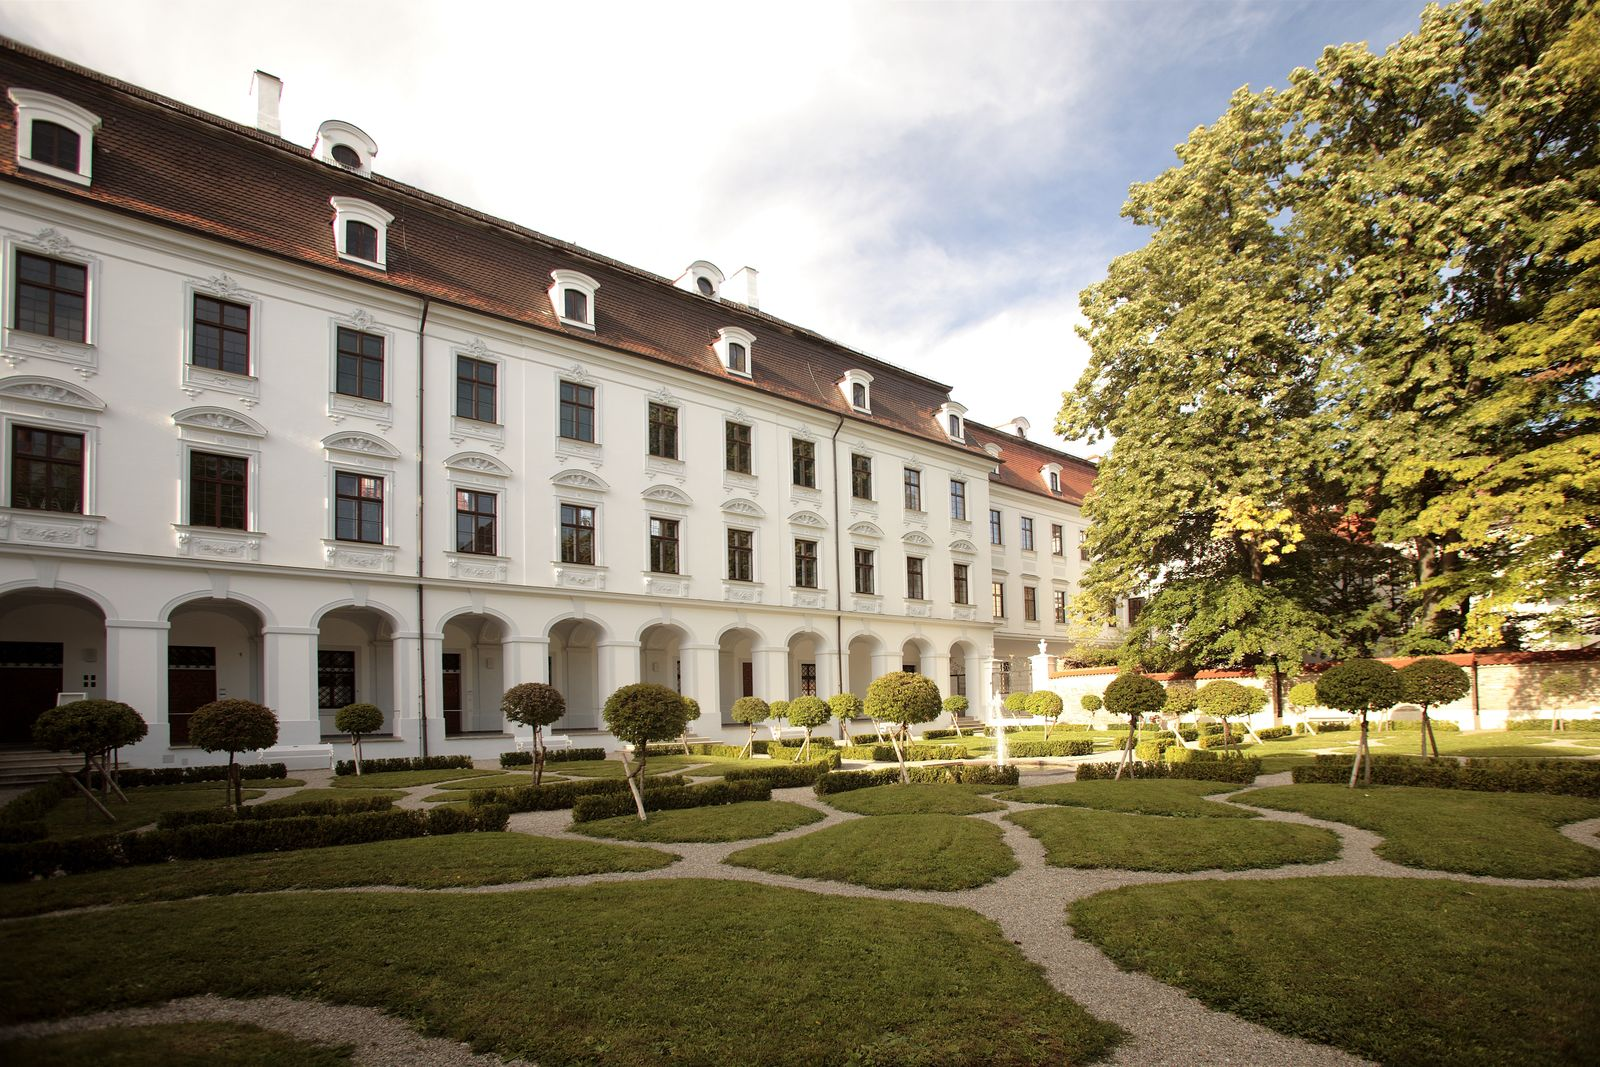 シェッツラー宮殿